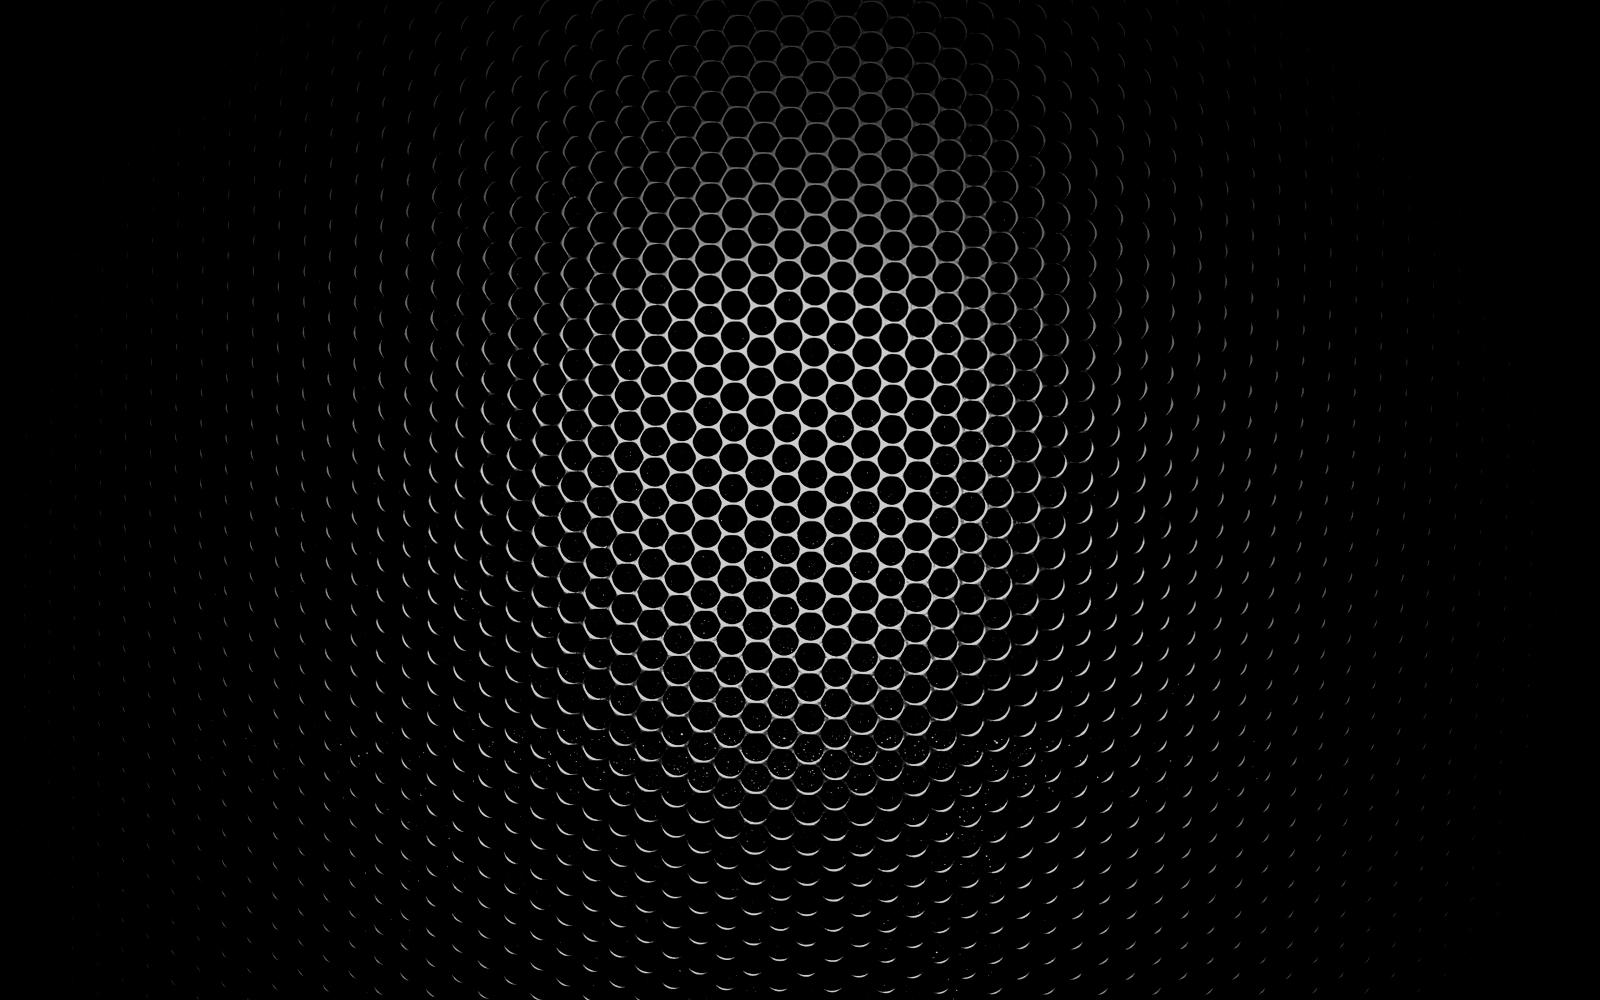 black screen wallpaper wallpapersafari